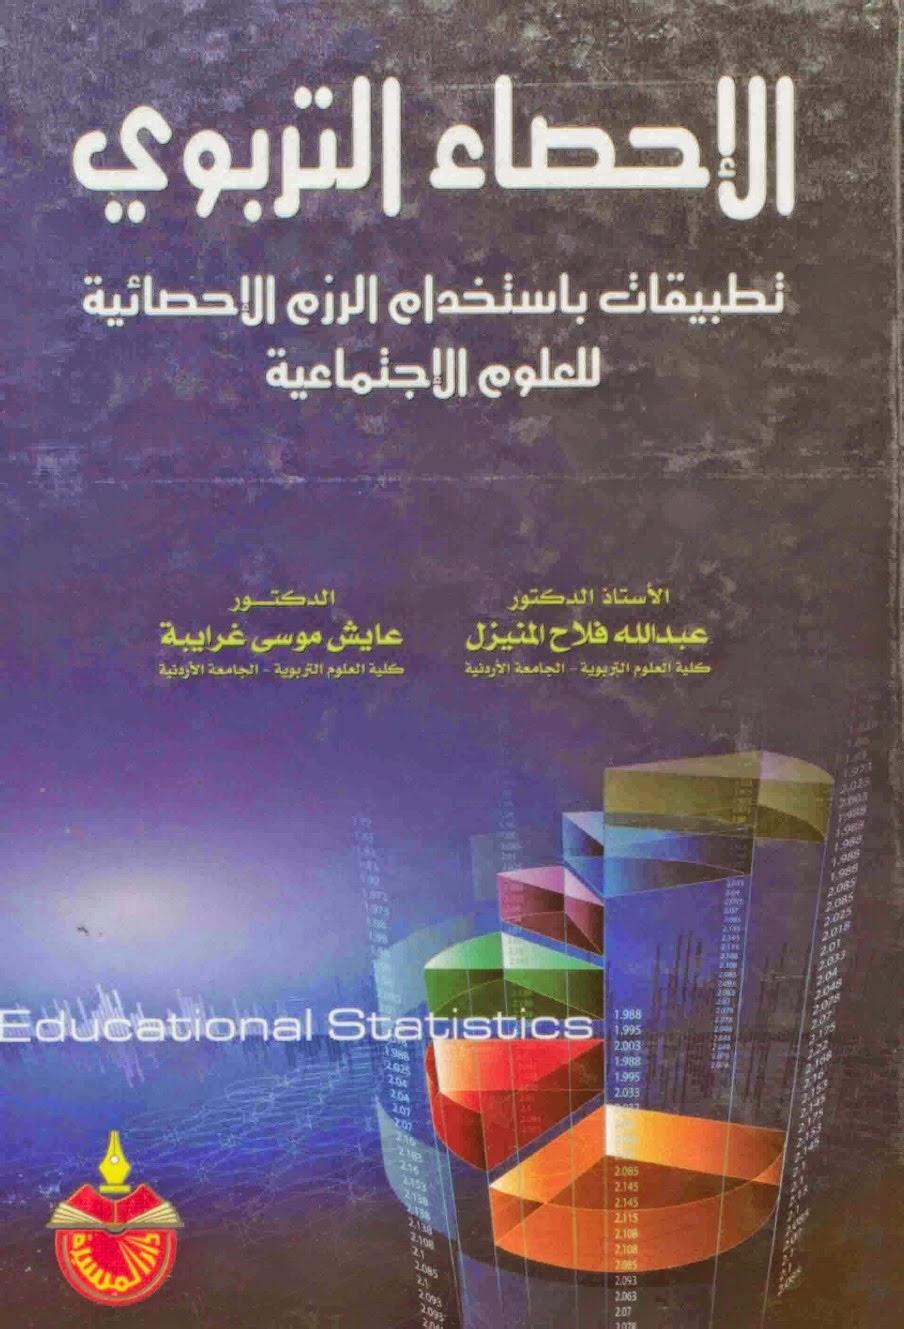 الاحصاء التربوي تطبيقات باستخدام الرزم الاحصائية للعلوم الاجتماعية - عبد الله فلاح المنيزل